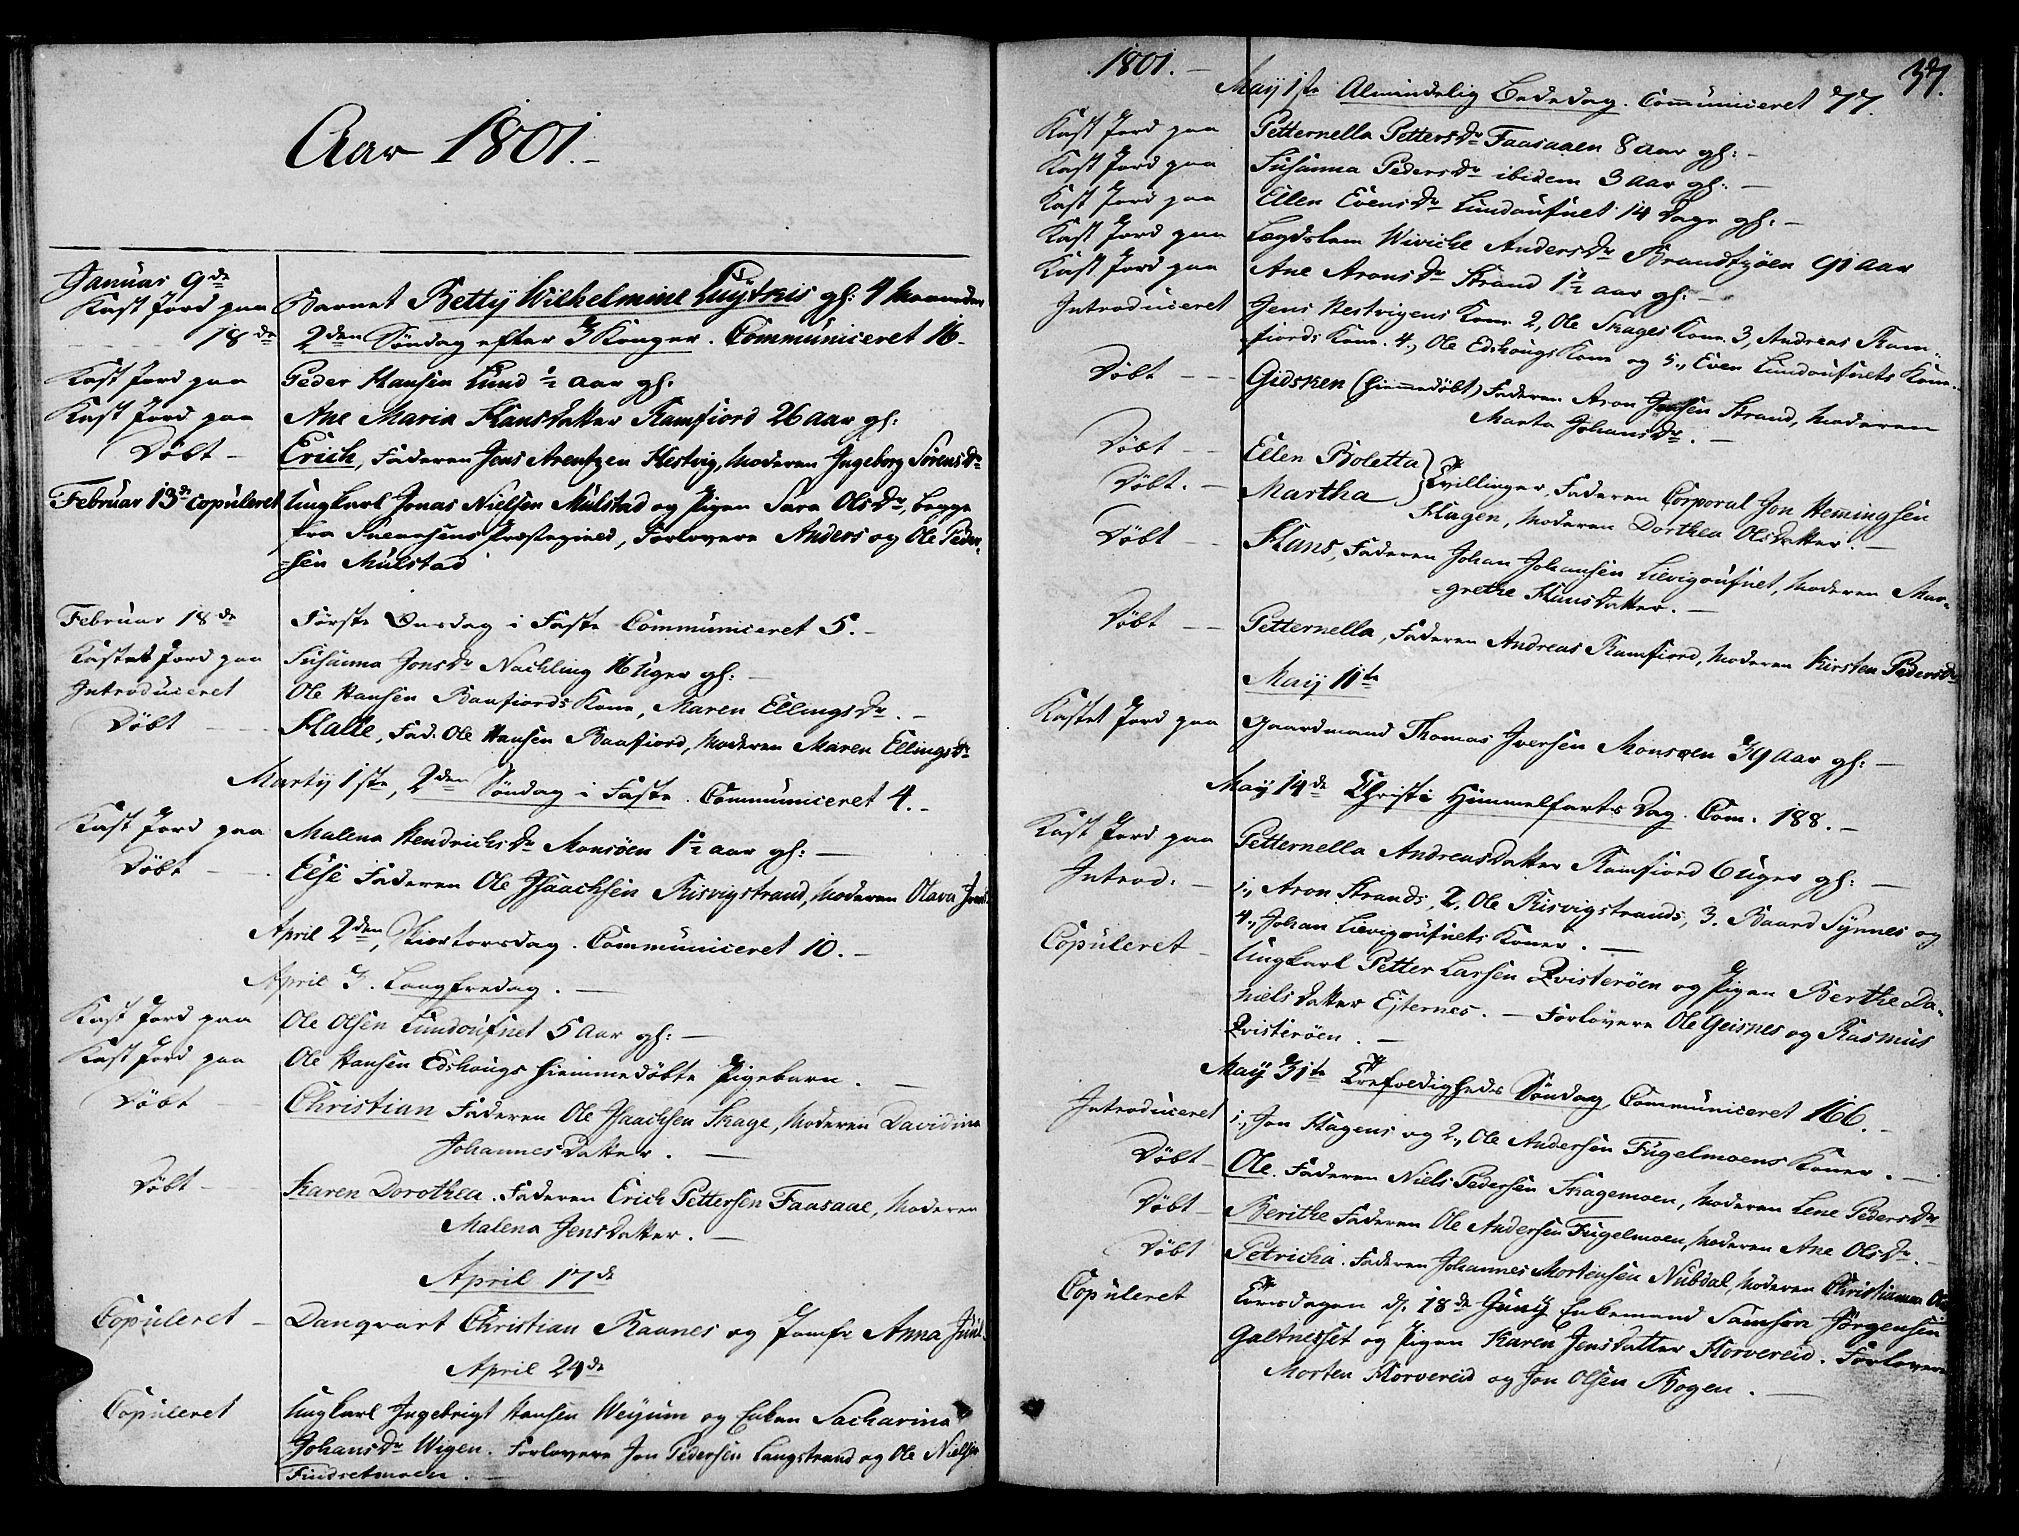 SAT, Ministerialprotokoller, klokkerbøker og fødselsregistre - Nord-Trøndelag, 780/L0633: Ministerialbok nr. 780A02 /1, 1787-1814, s. 37